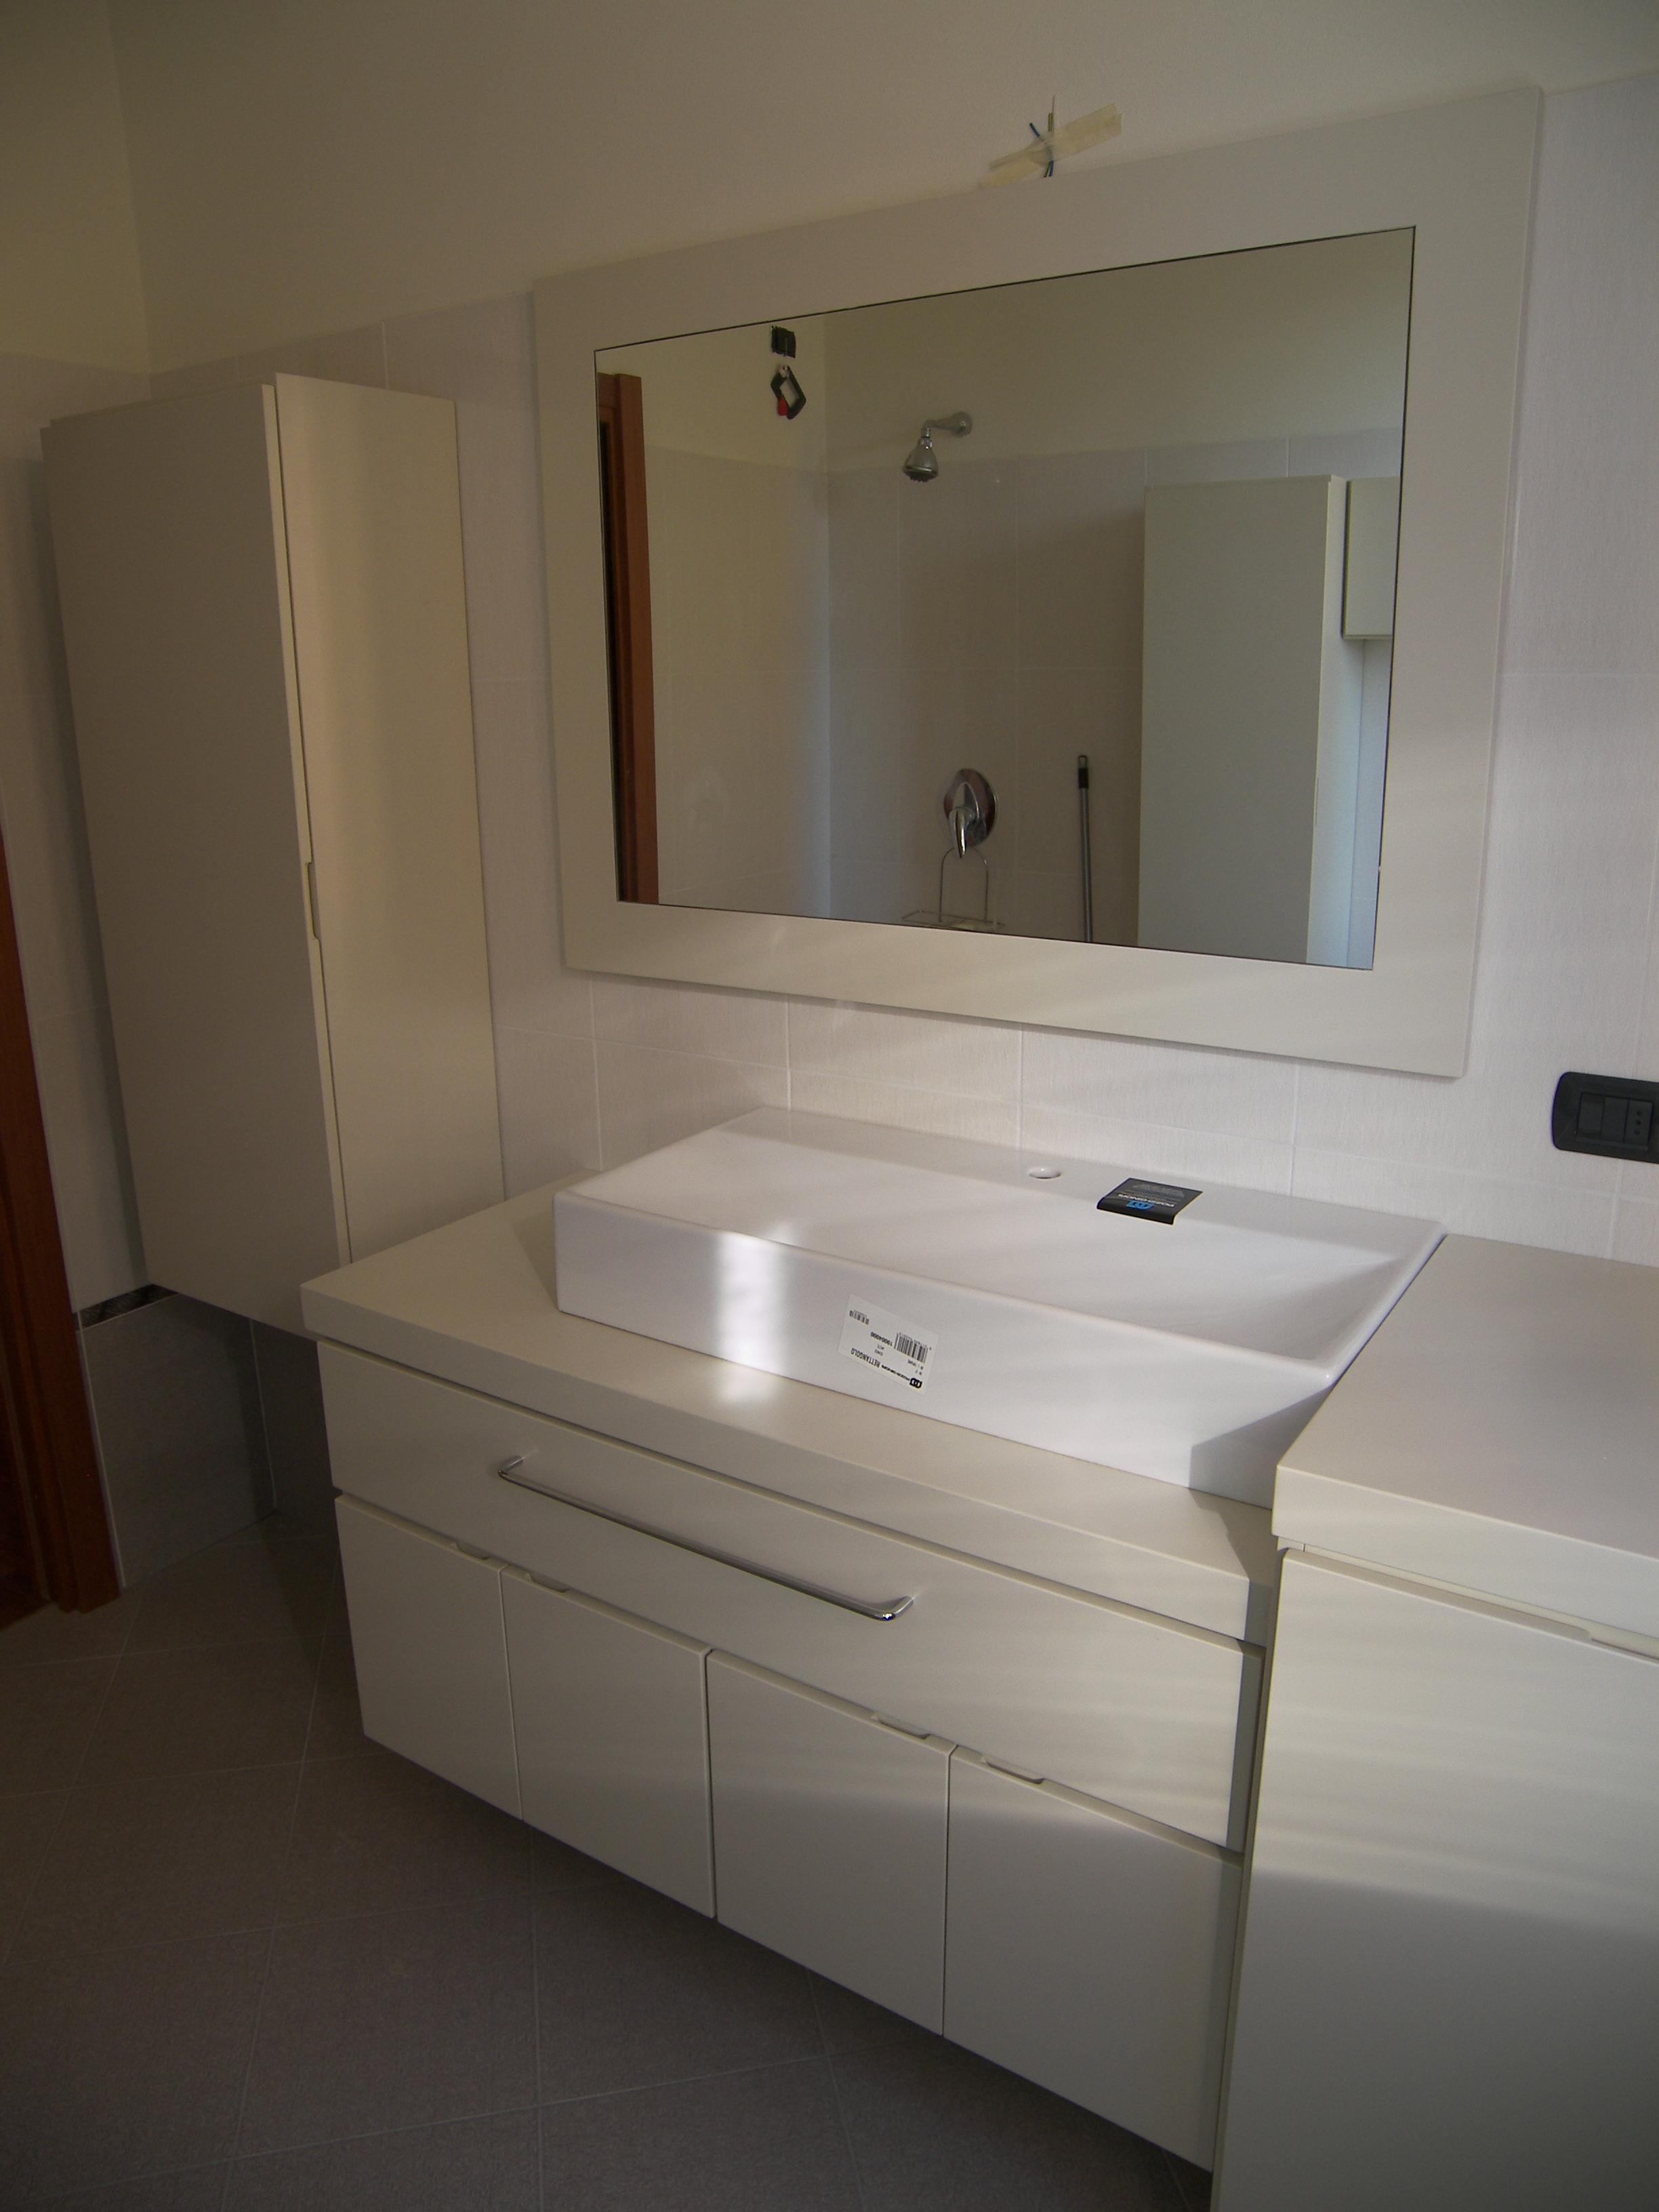 Mobile bagno laccato bianco crema progetti armadi - Bagno su misura ...